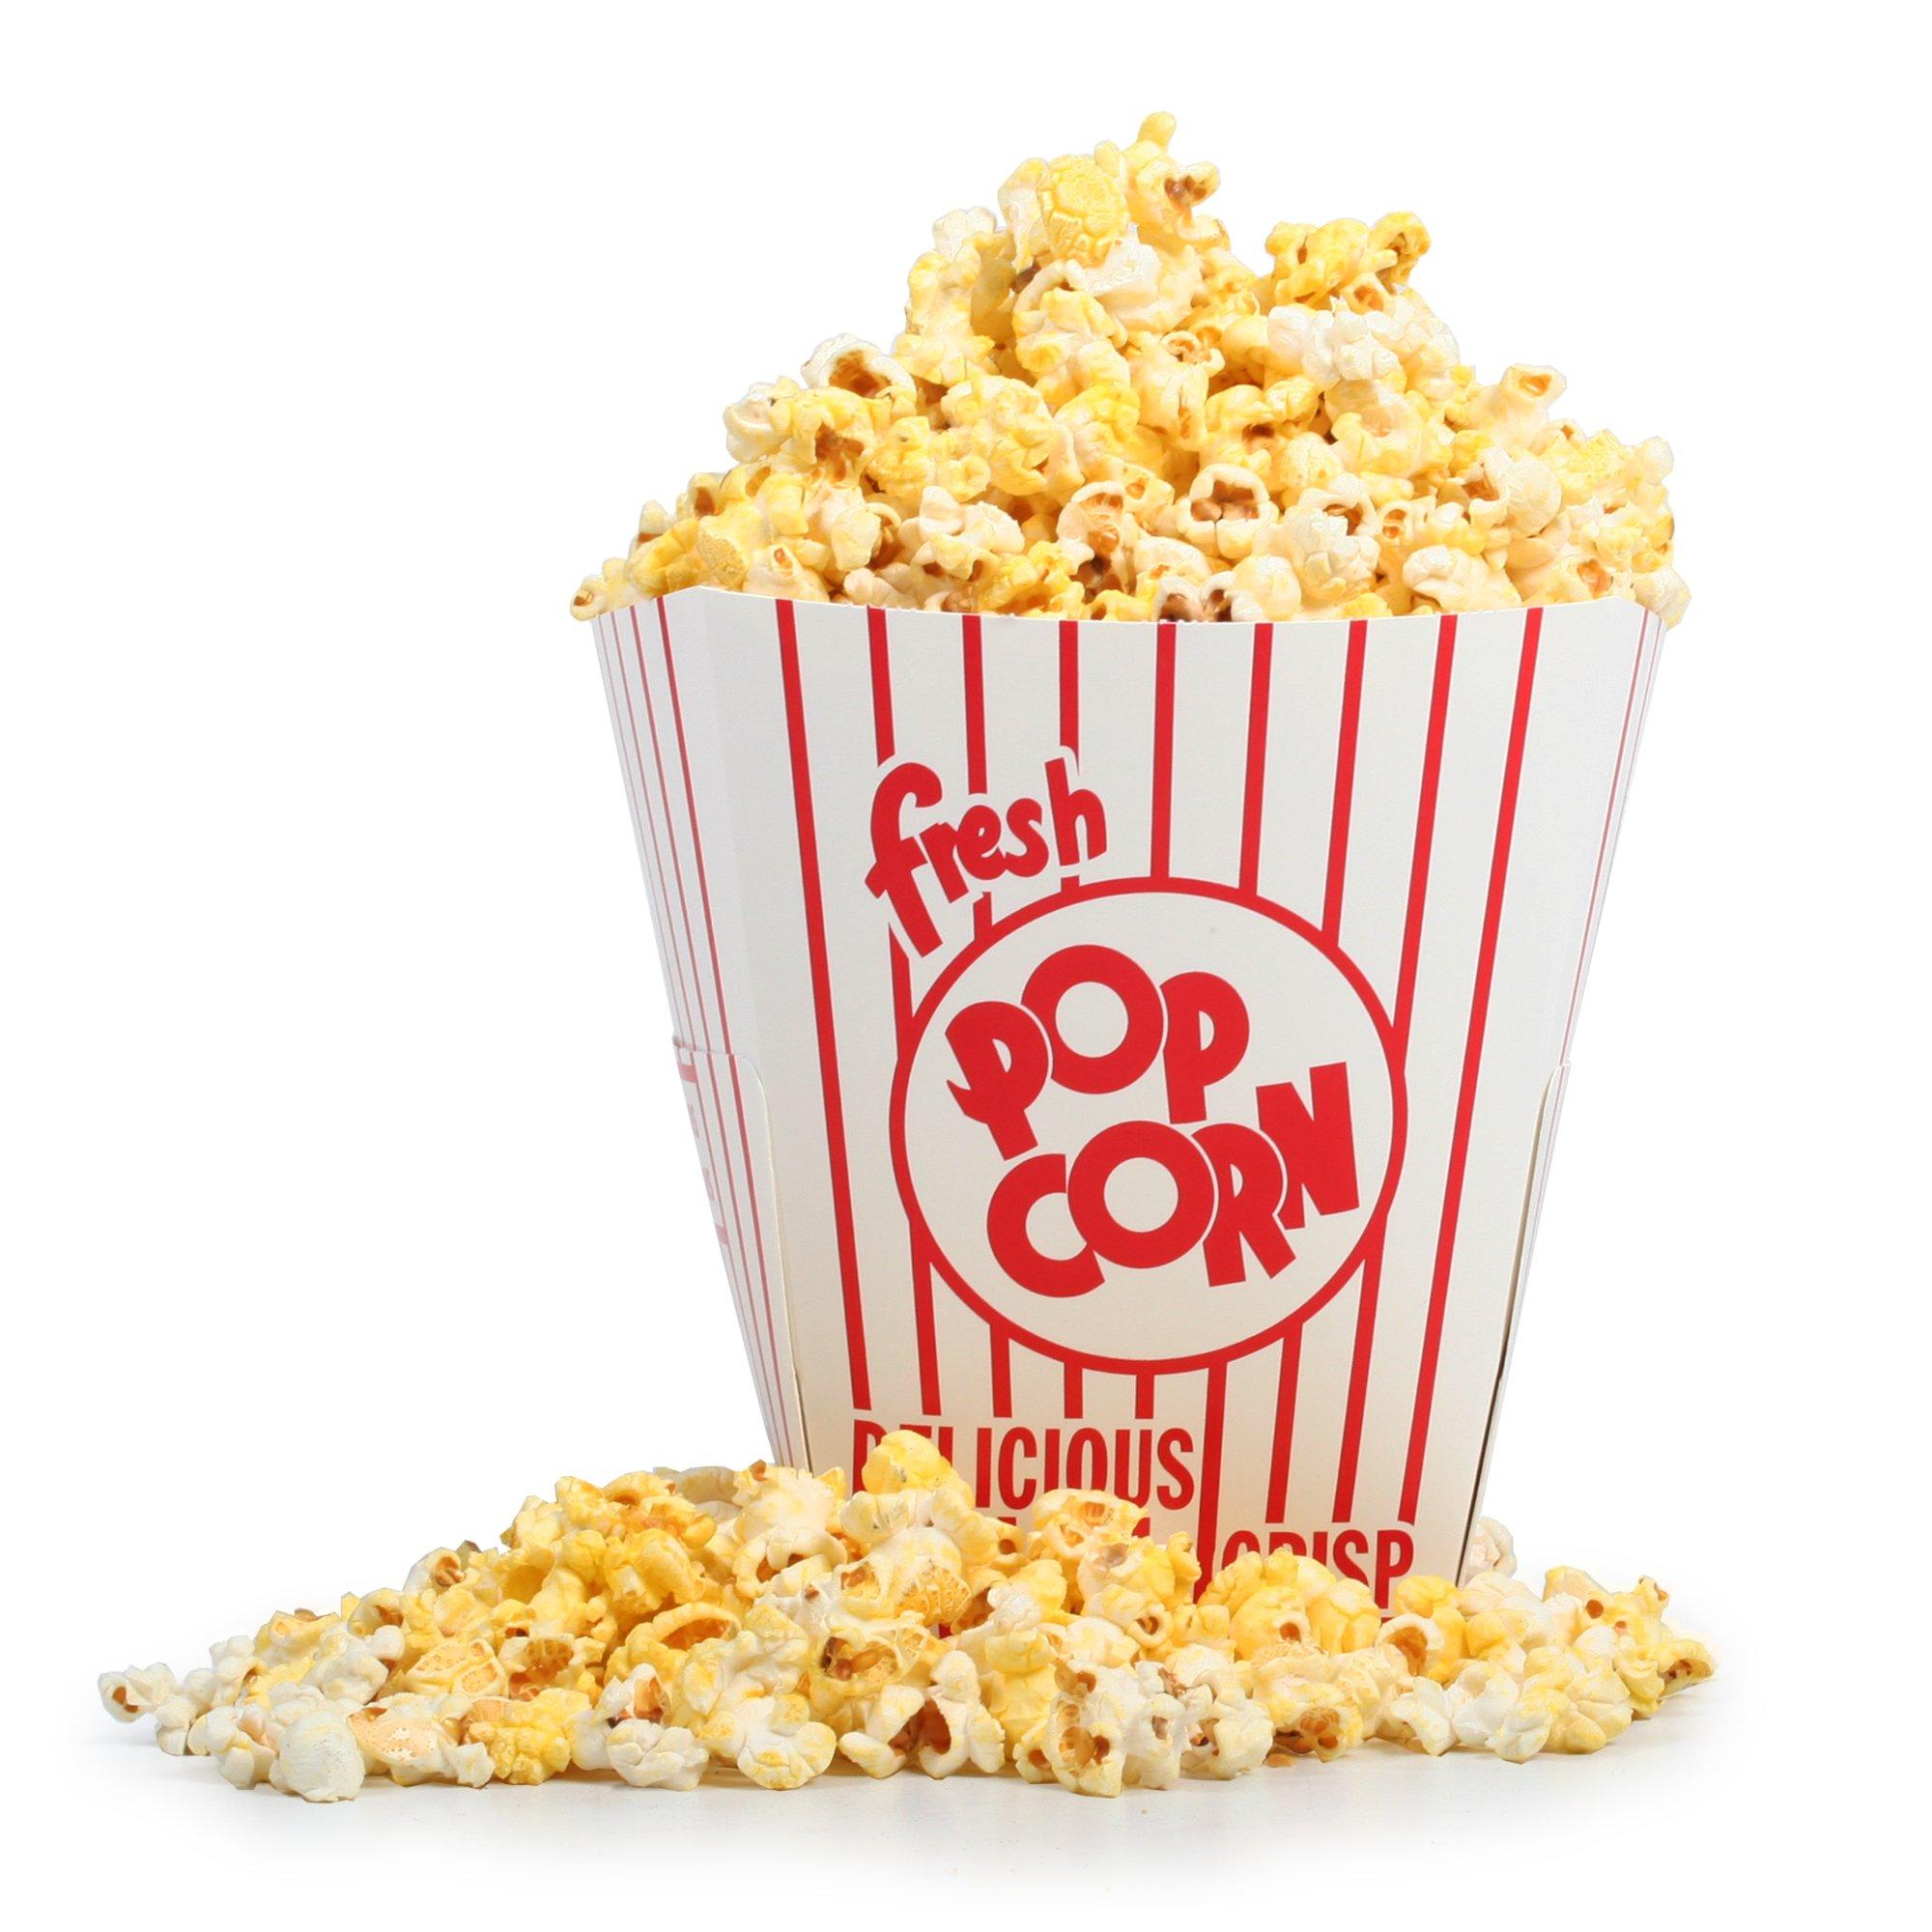 Popcorn White Background Images AWB 2000x2000